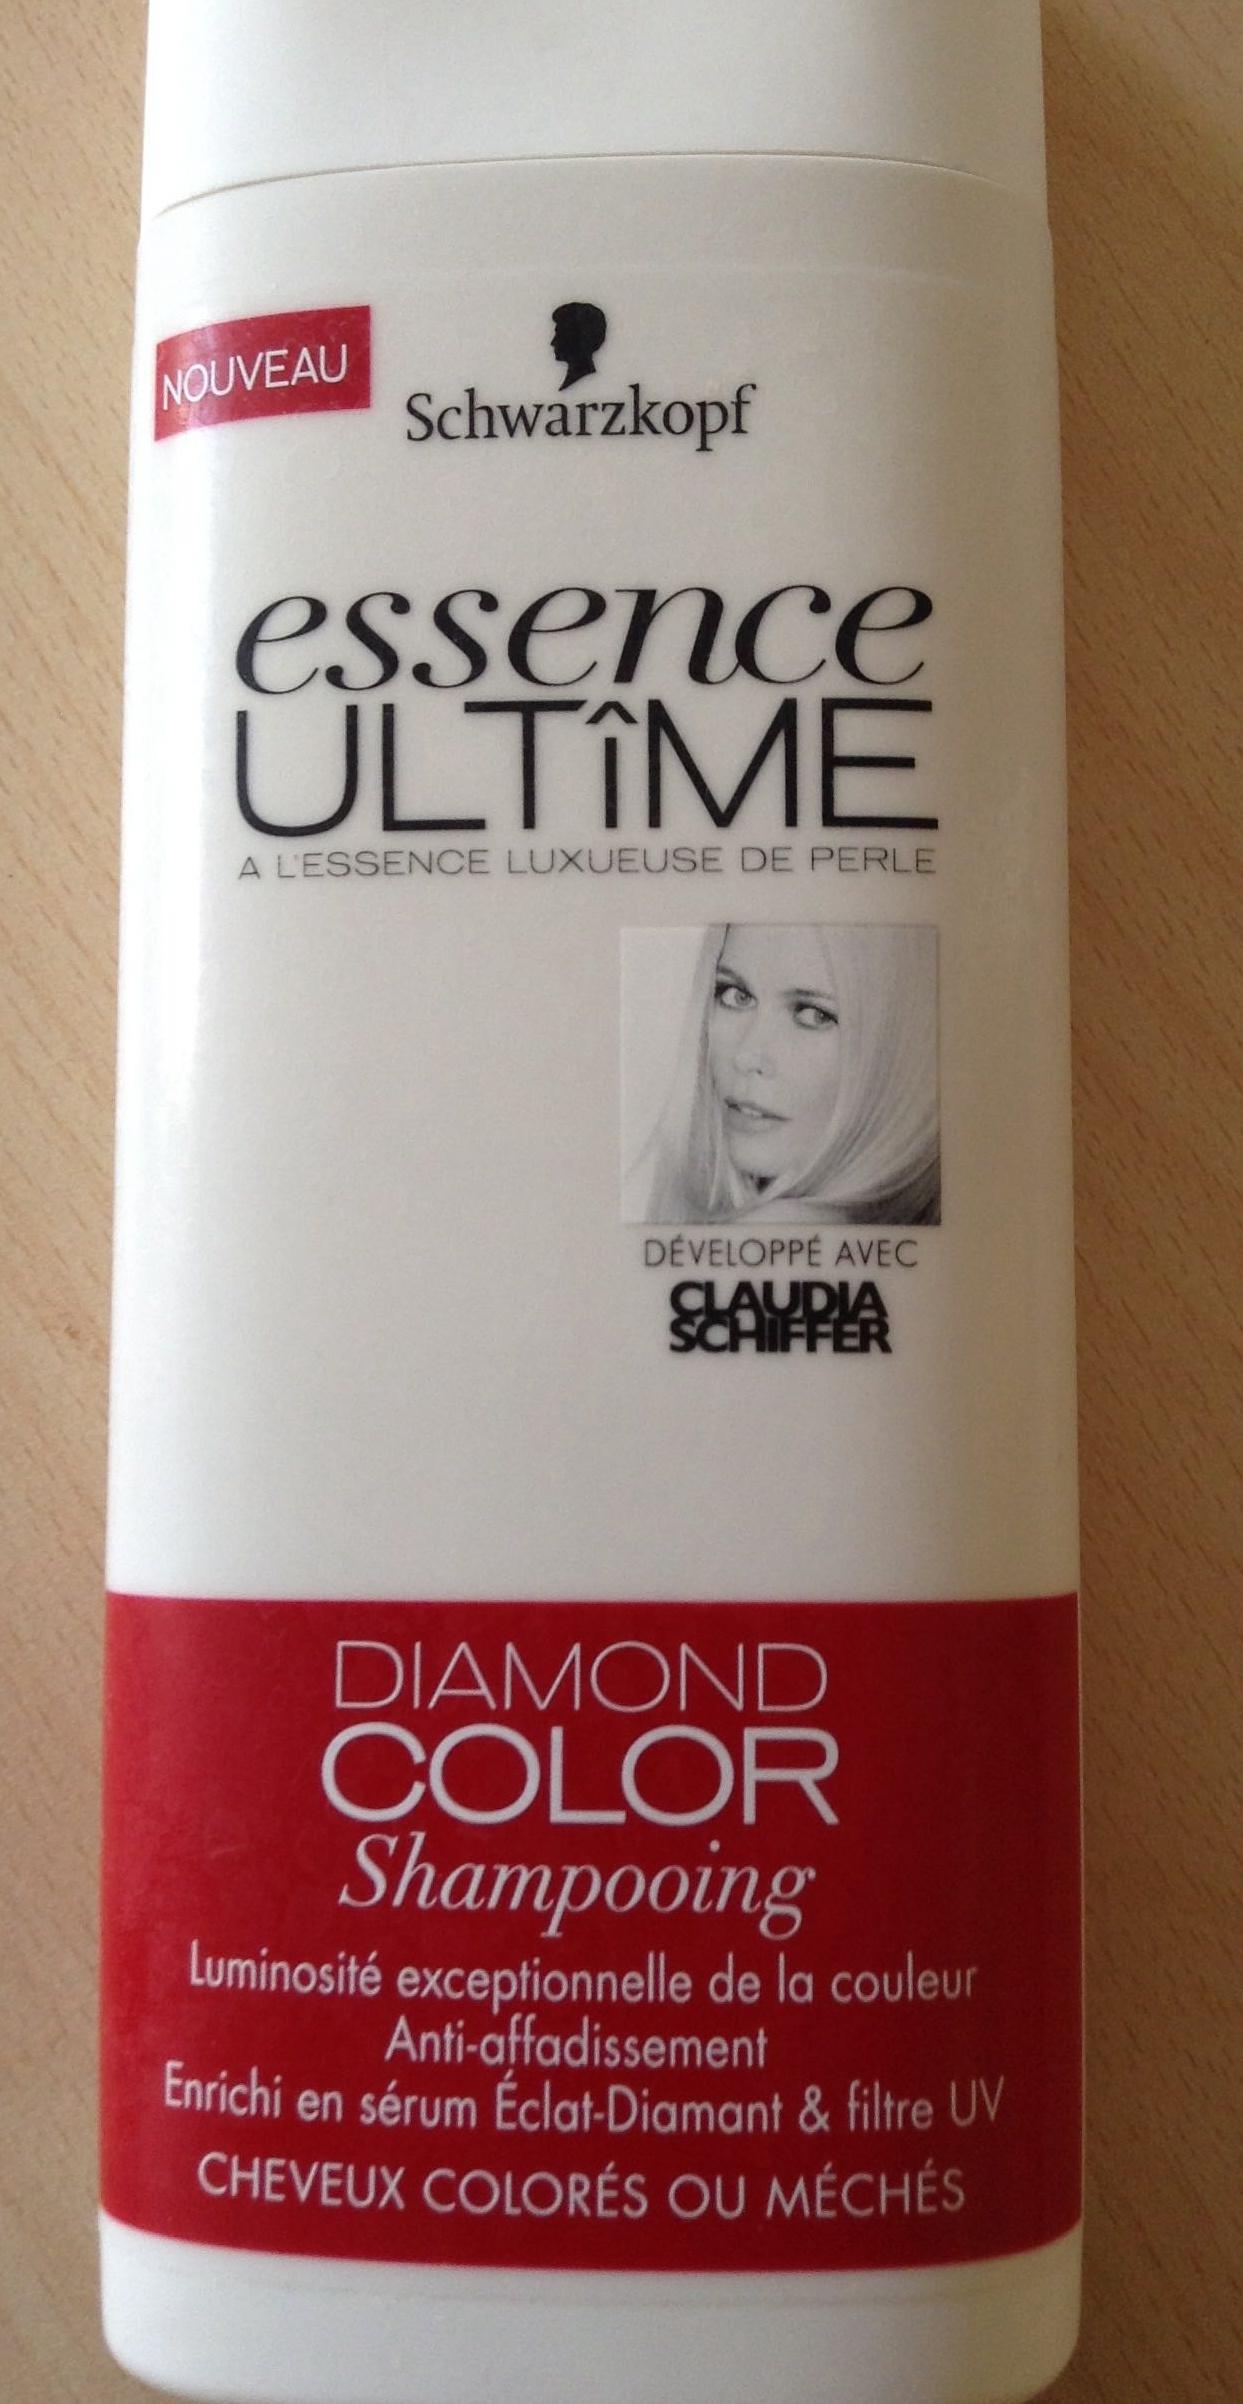 shampooing diamond color cheveux colors ou mchs produit - Shampoing Schwarzkopf Cheveux Colors